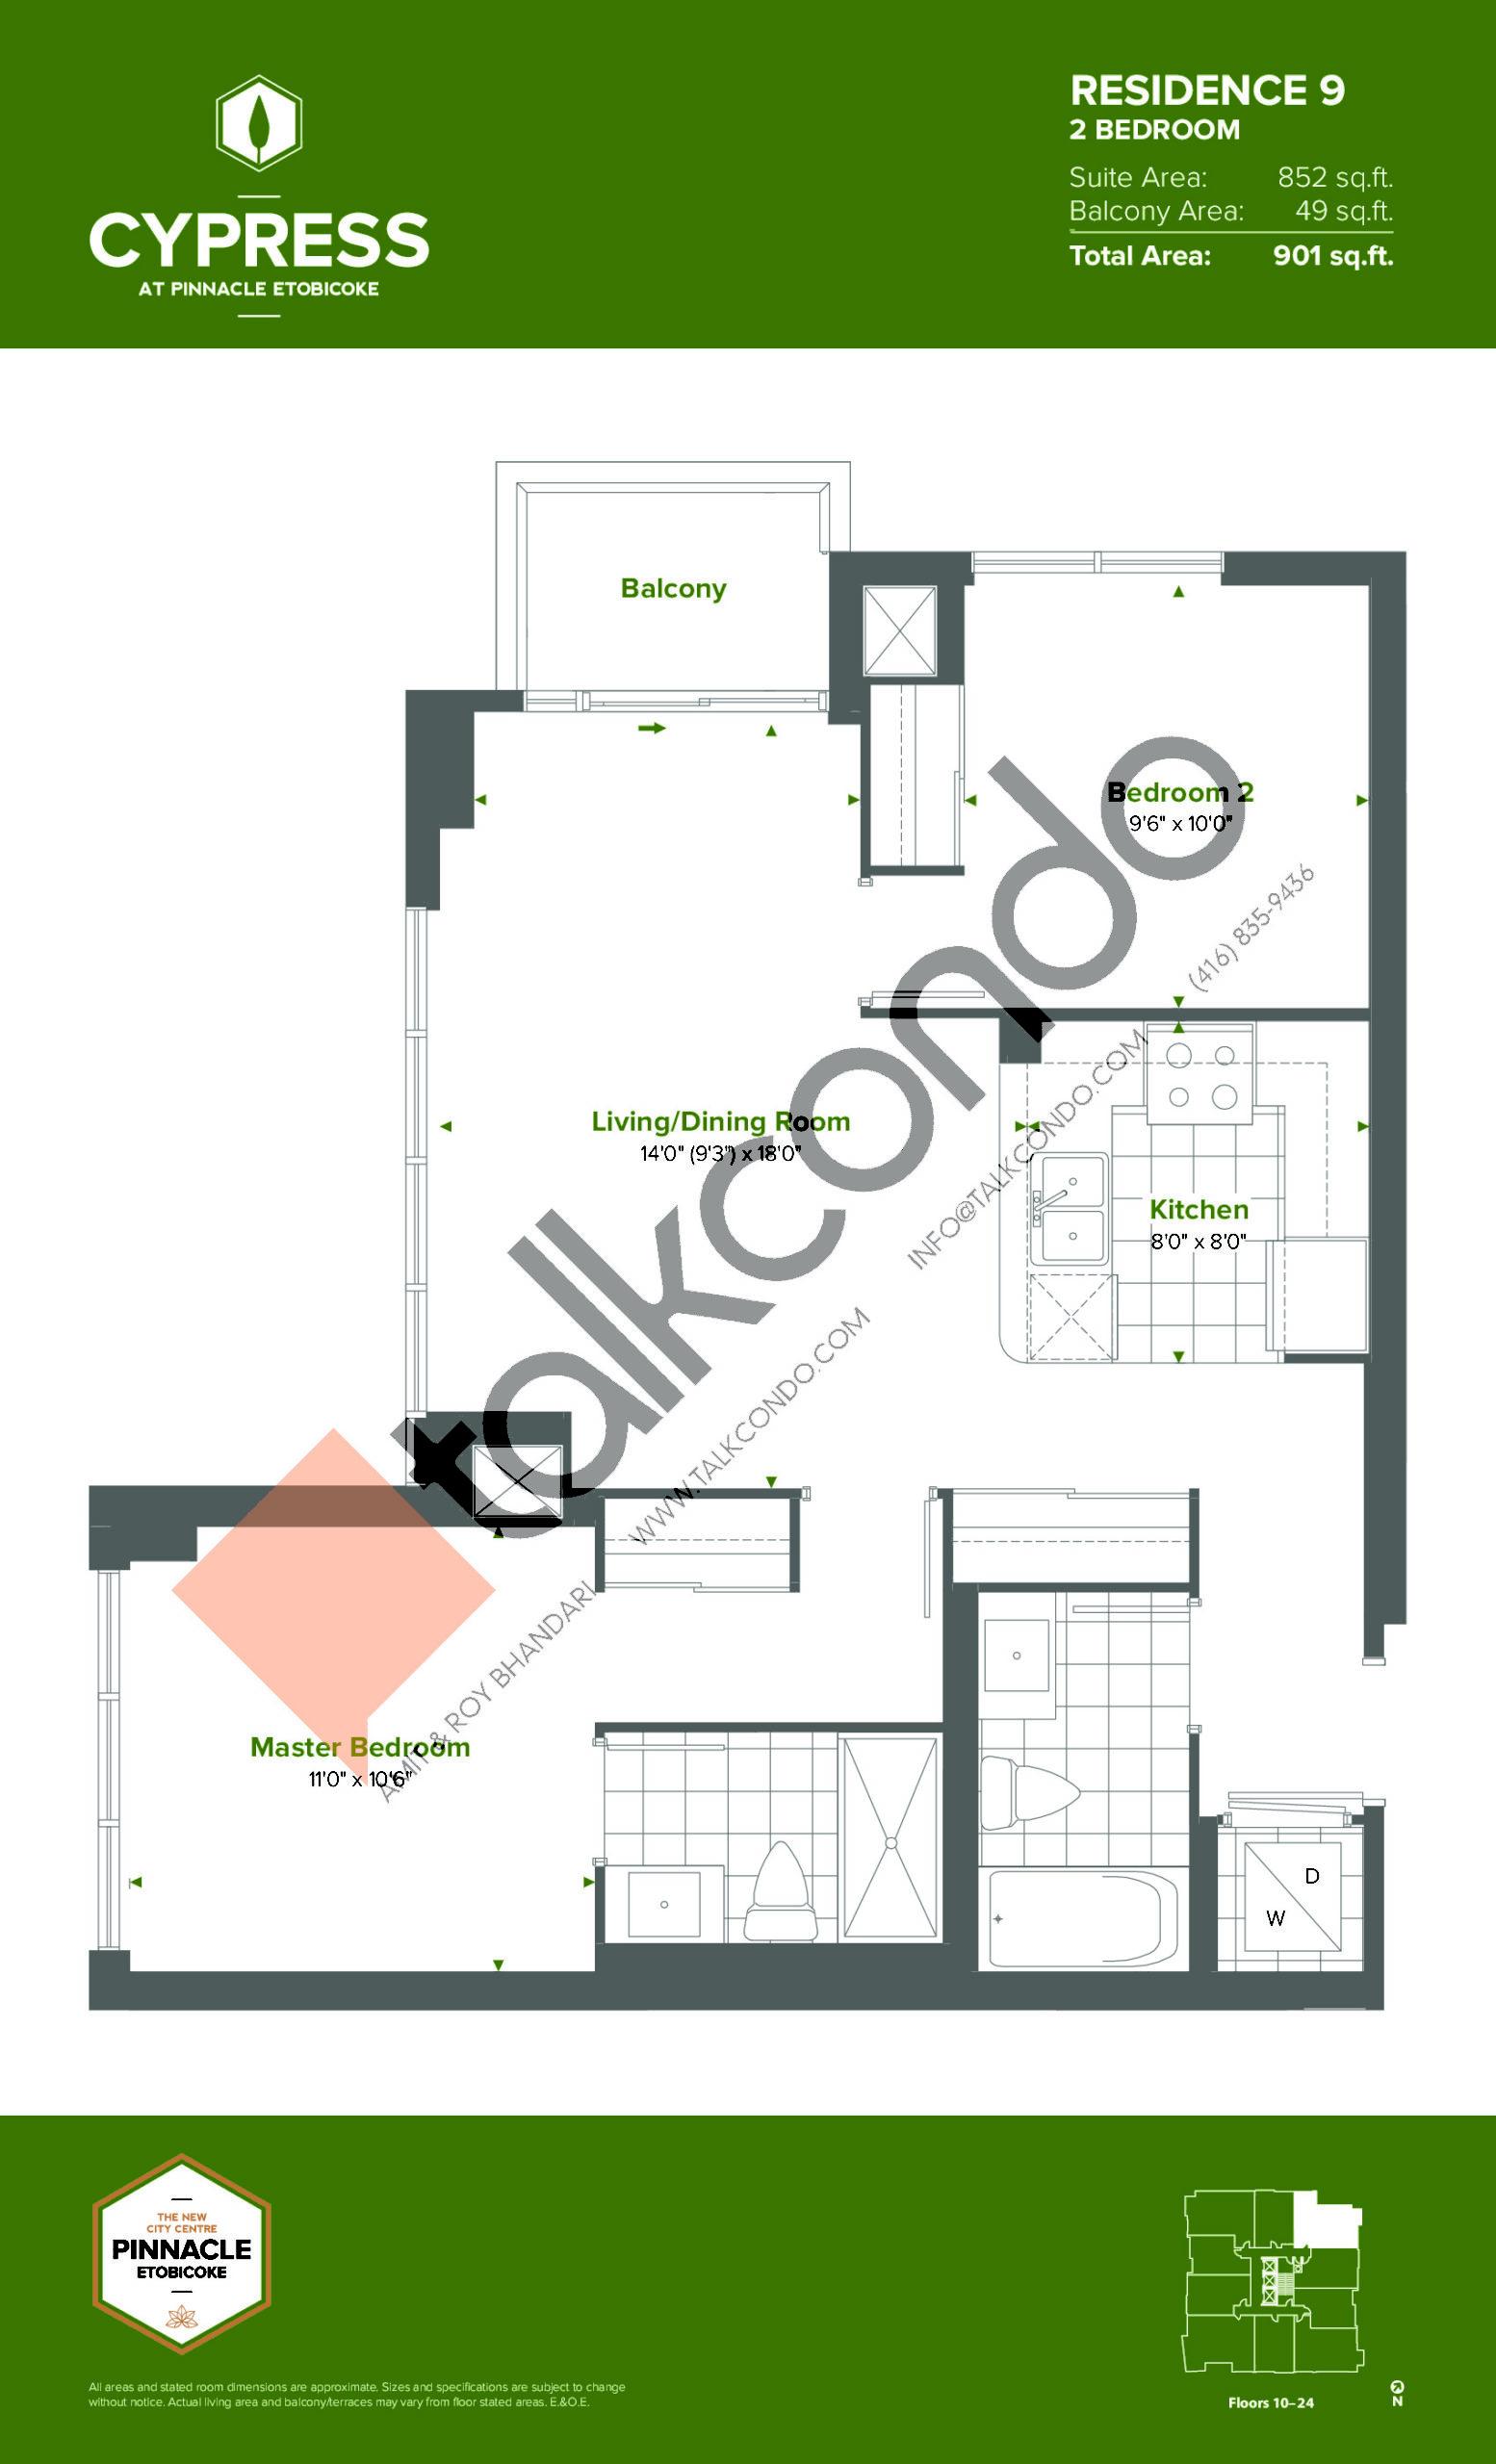 Residence 9 (Tower) Floor Plan at Cypress at Pinnacle Etobicoke - 852 sq.ft